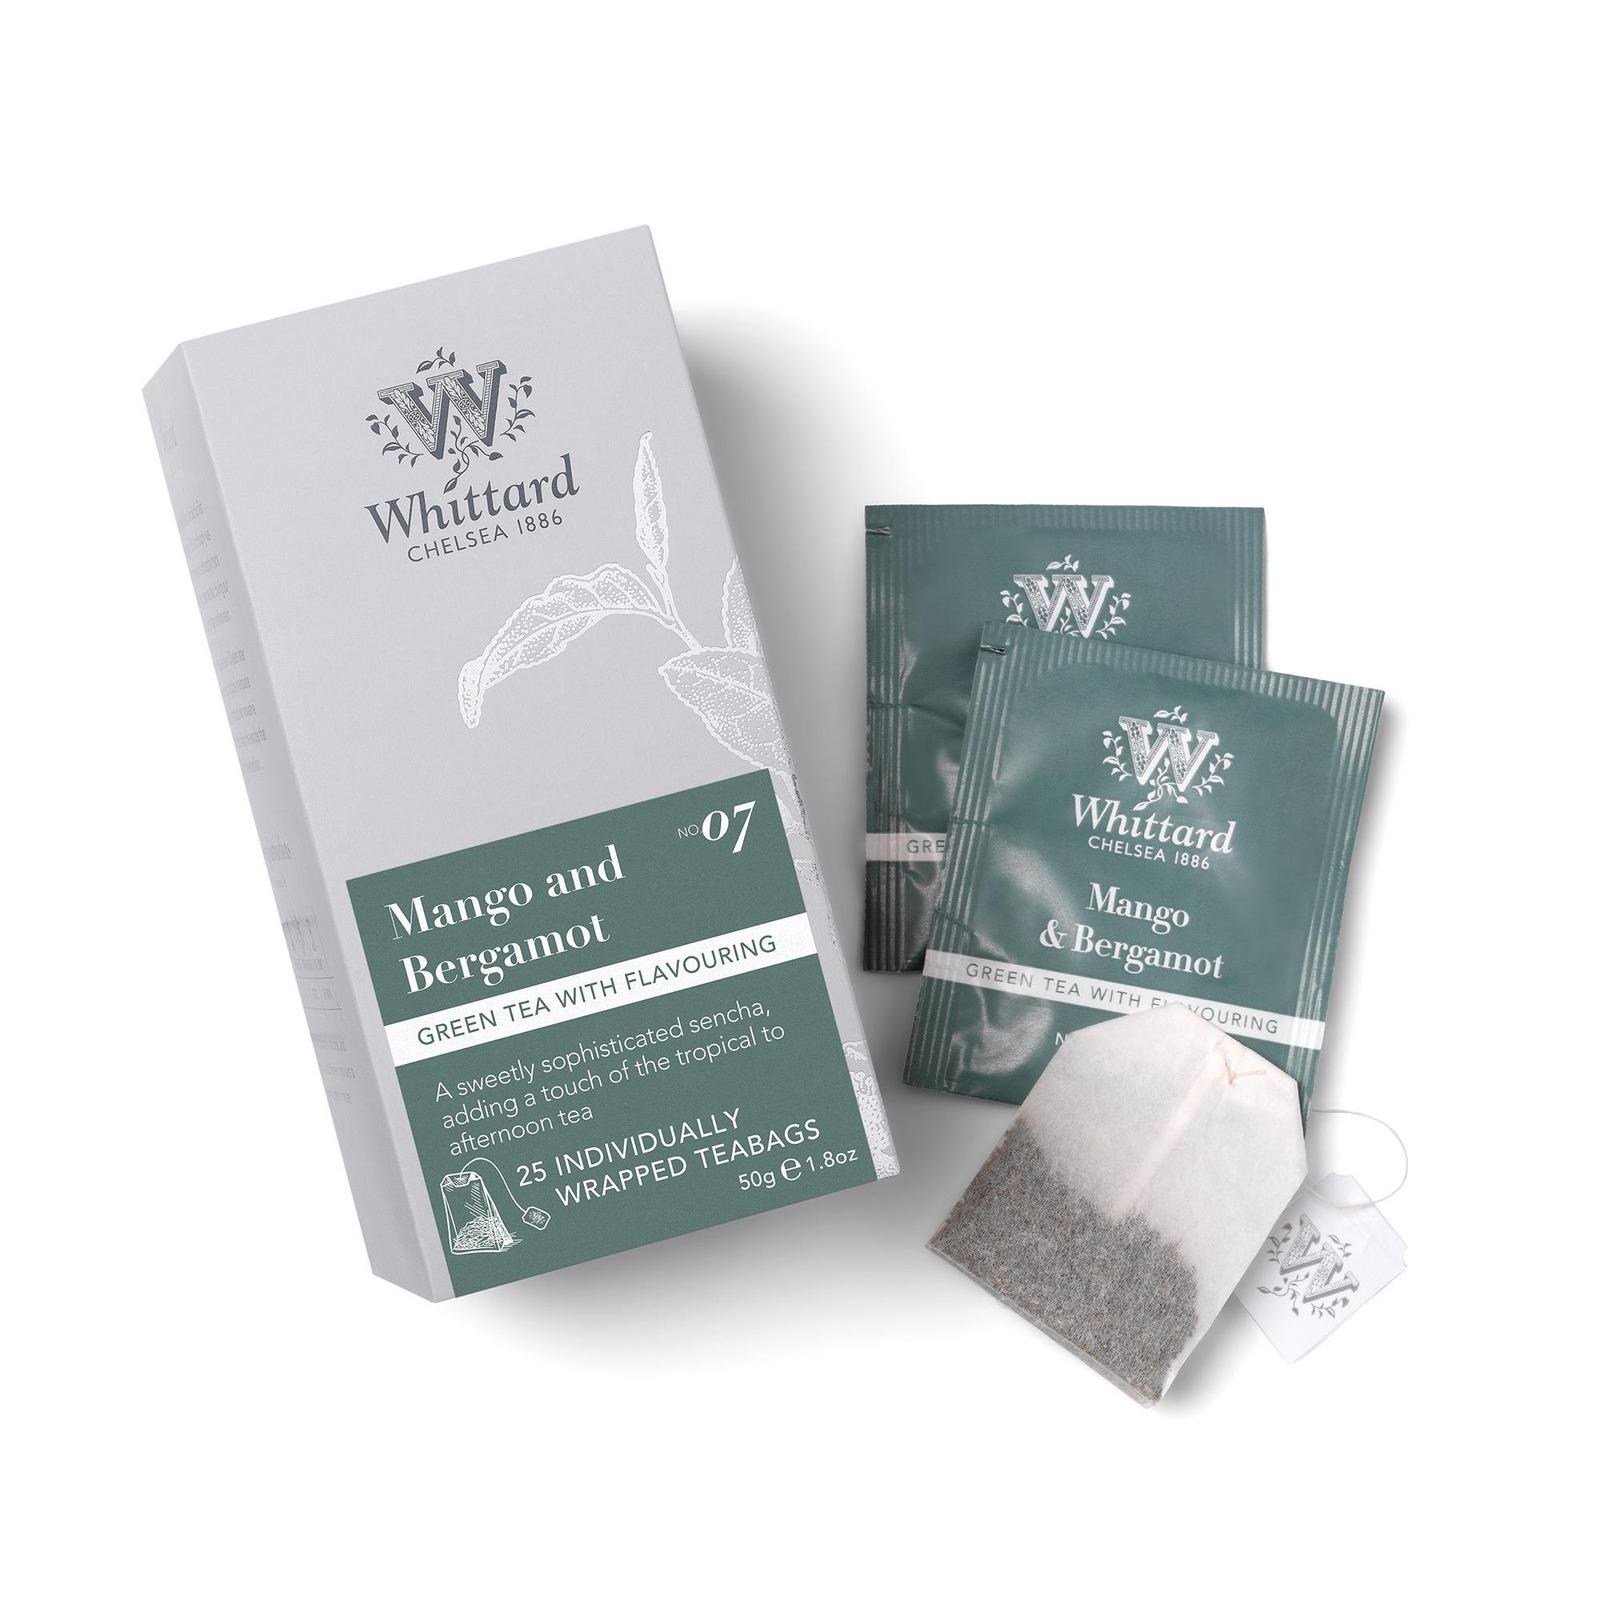 Whittard Mango and Bergamot 25 Individually Wrapped Teabags